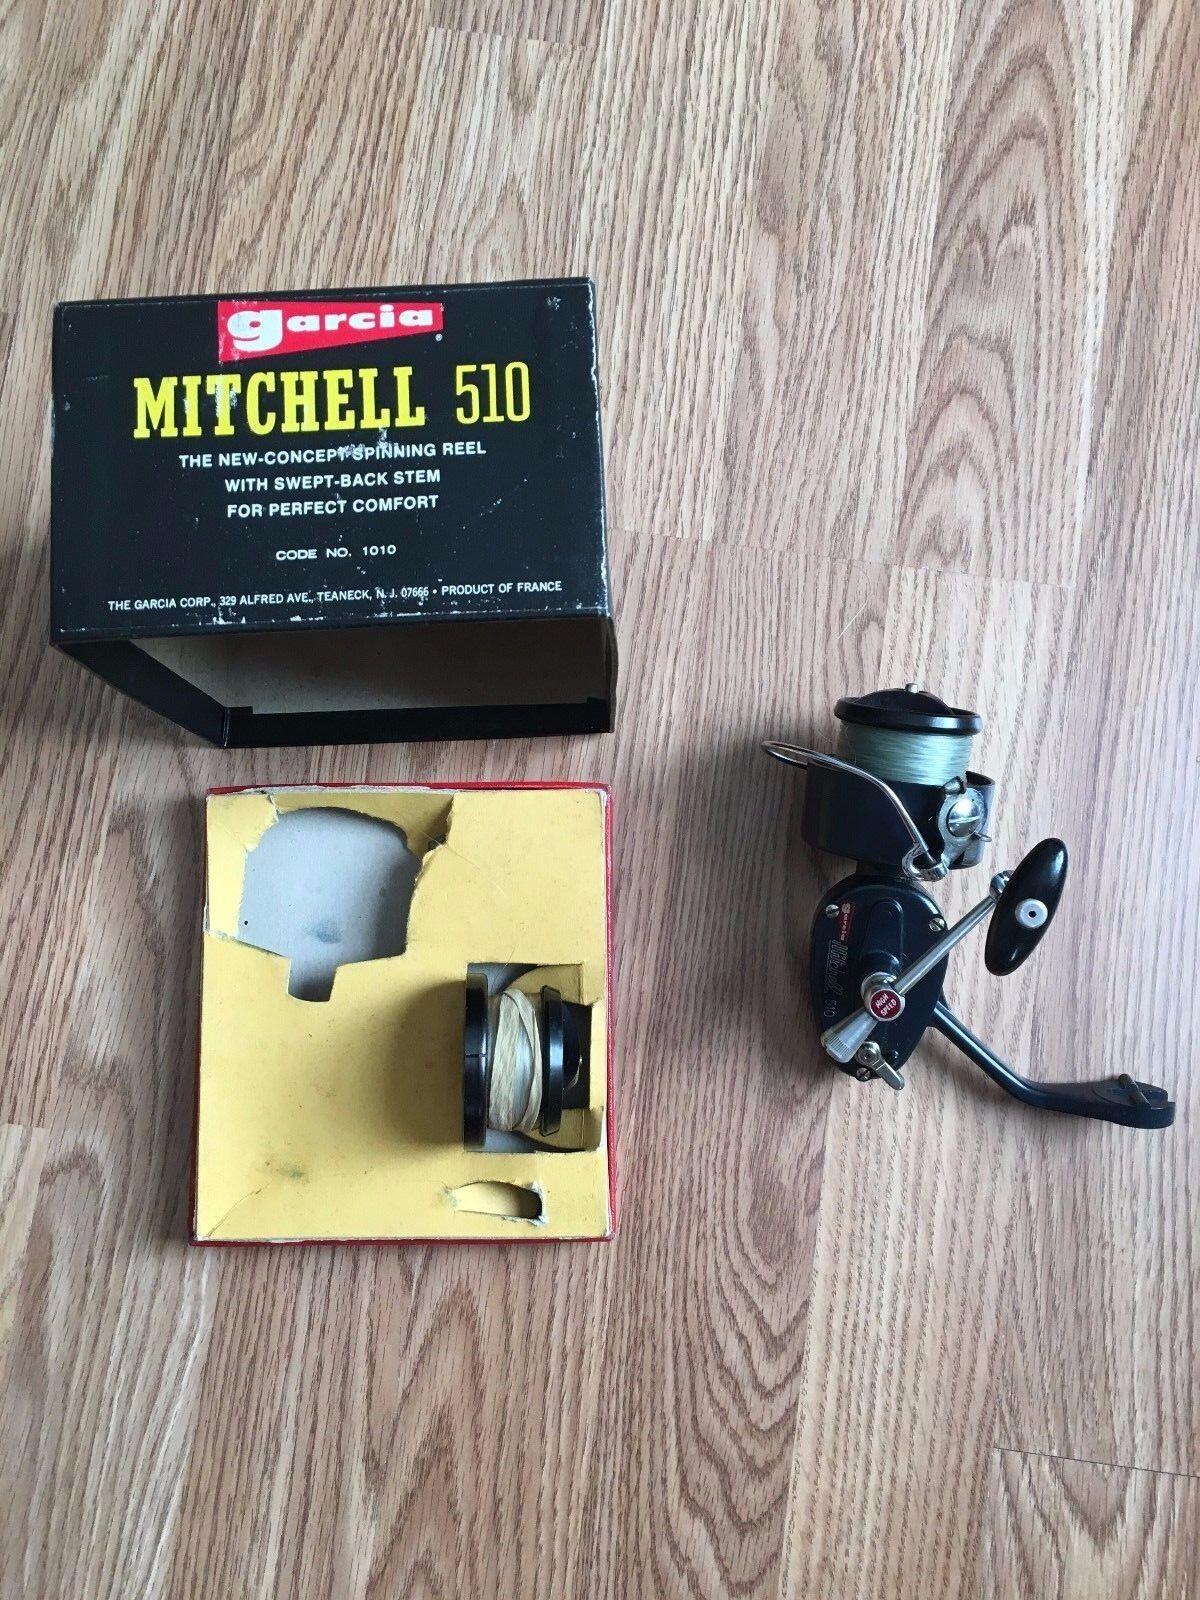 Vintage Garcia Mitchell 510 Cocherete de pie bifurcada en Caja Con Papeles